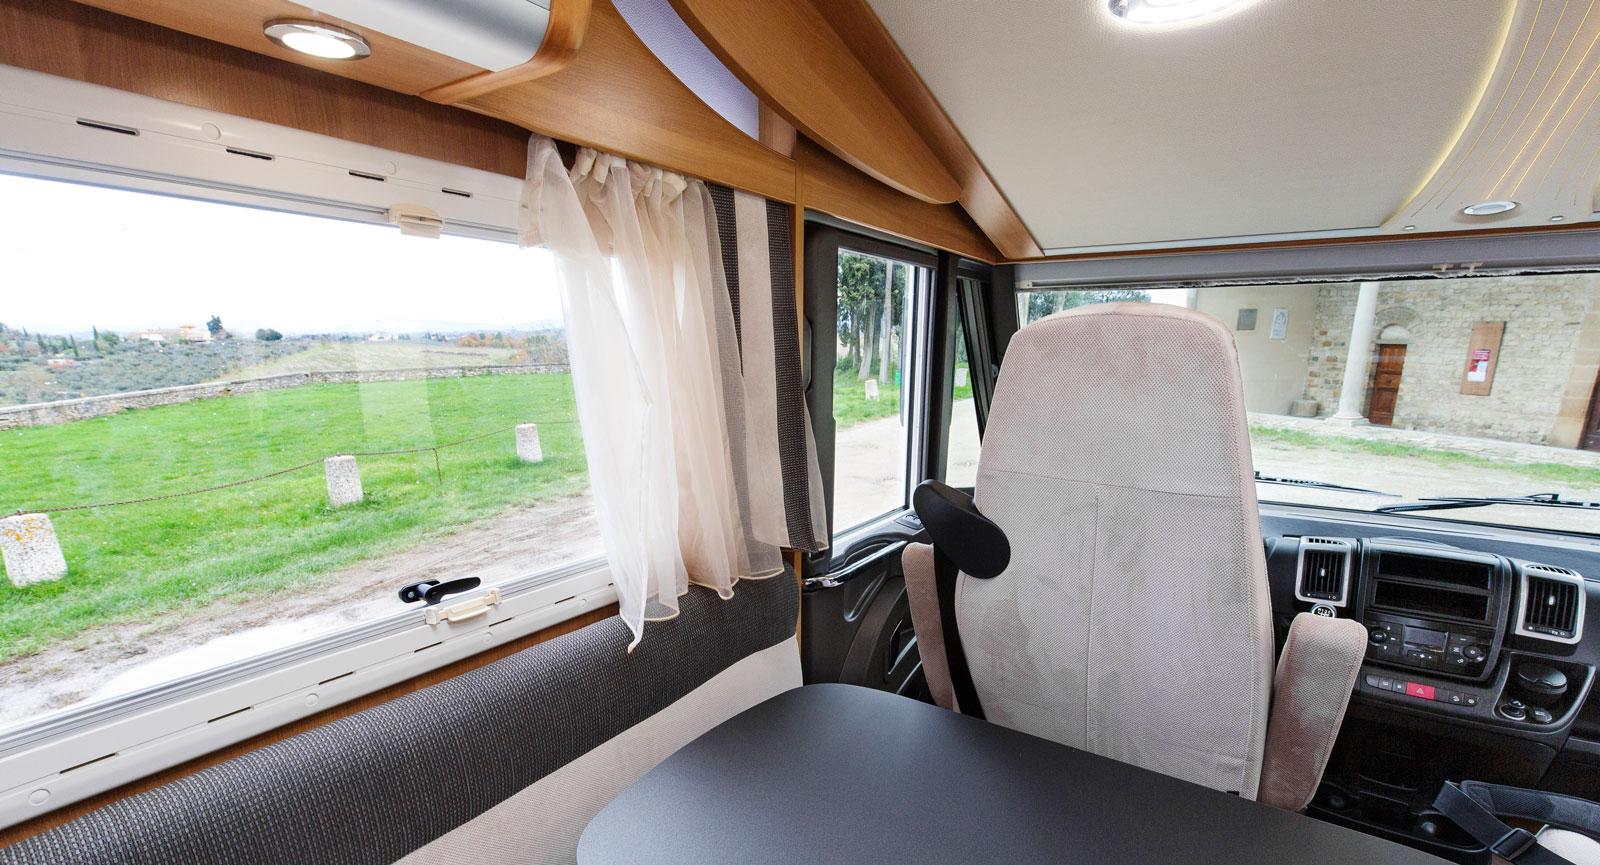 Utsikt. Det stora fönstret kommer väl till pass. Tack vare det är utsikten bra från de bakre platserna. Här är bordet framskjutet.